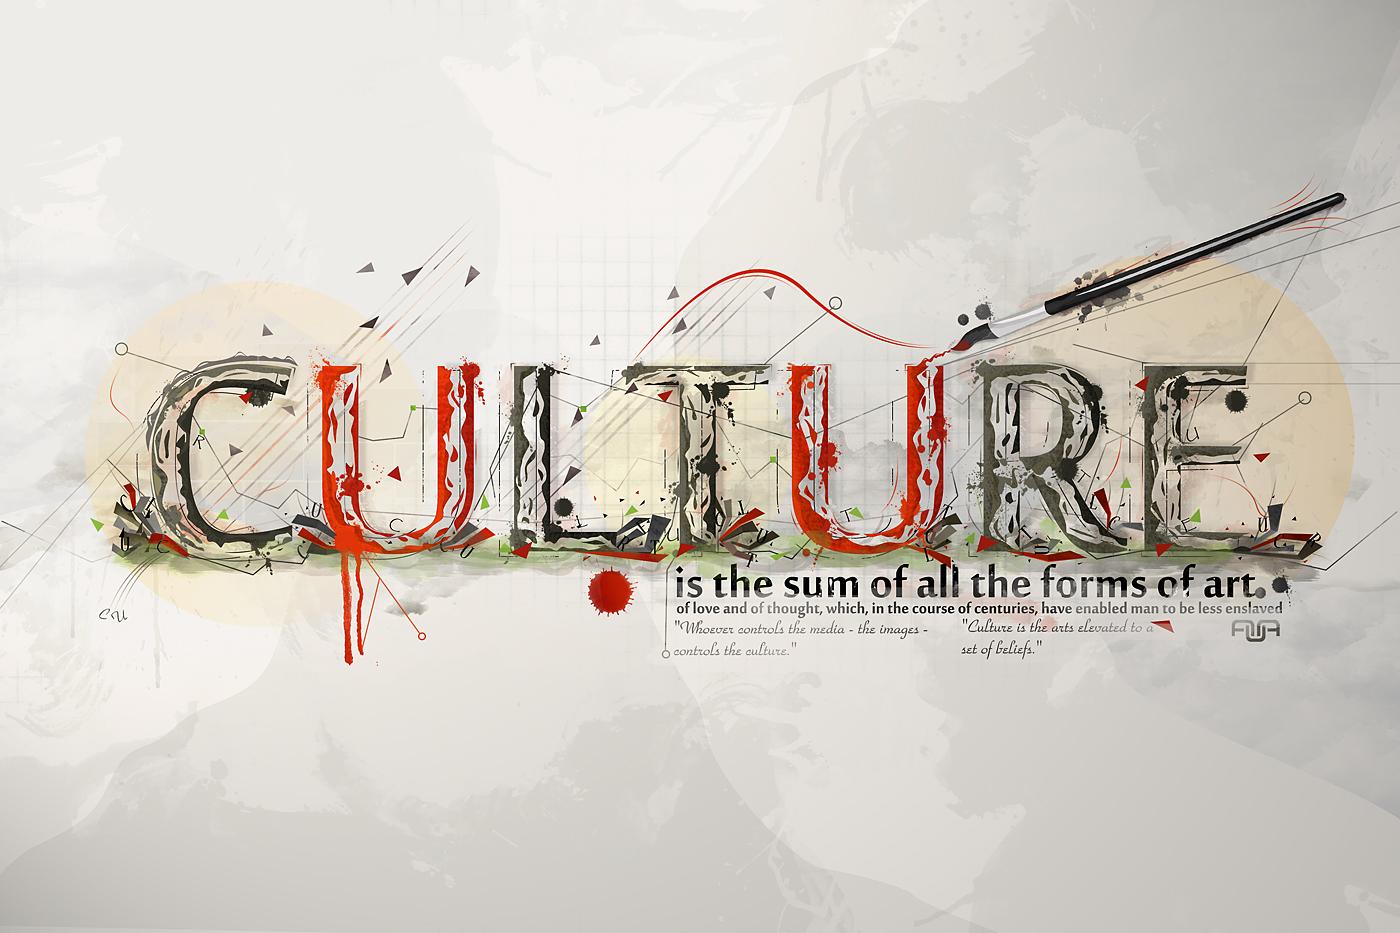 الدرس الثاني: مفاهيم حضارية وثقافية